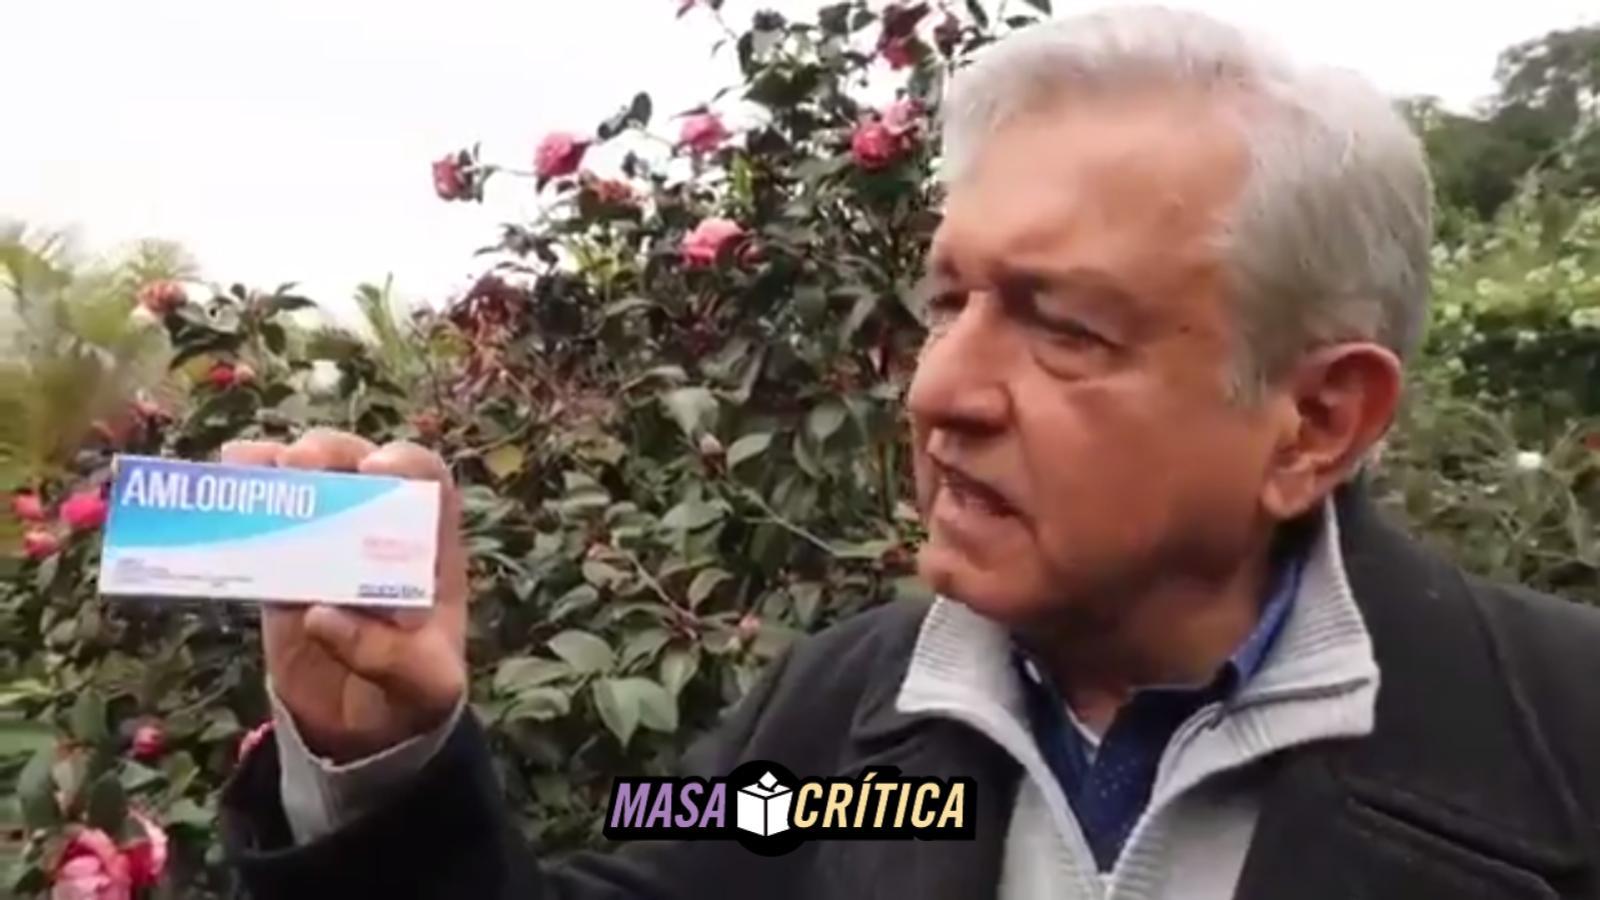 AMLO receta Amlodipino a EPN para que 'se serene'